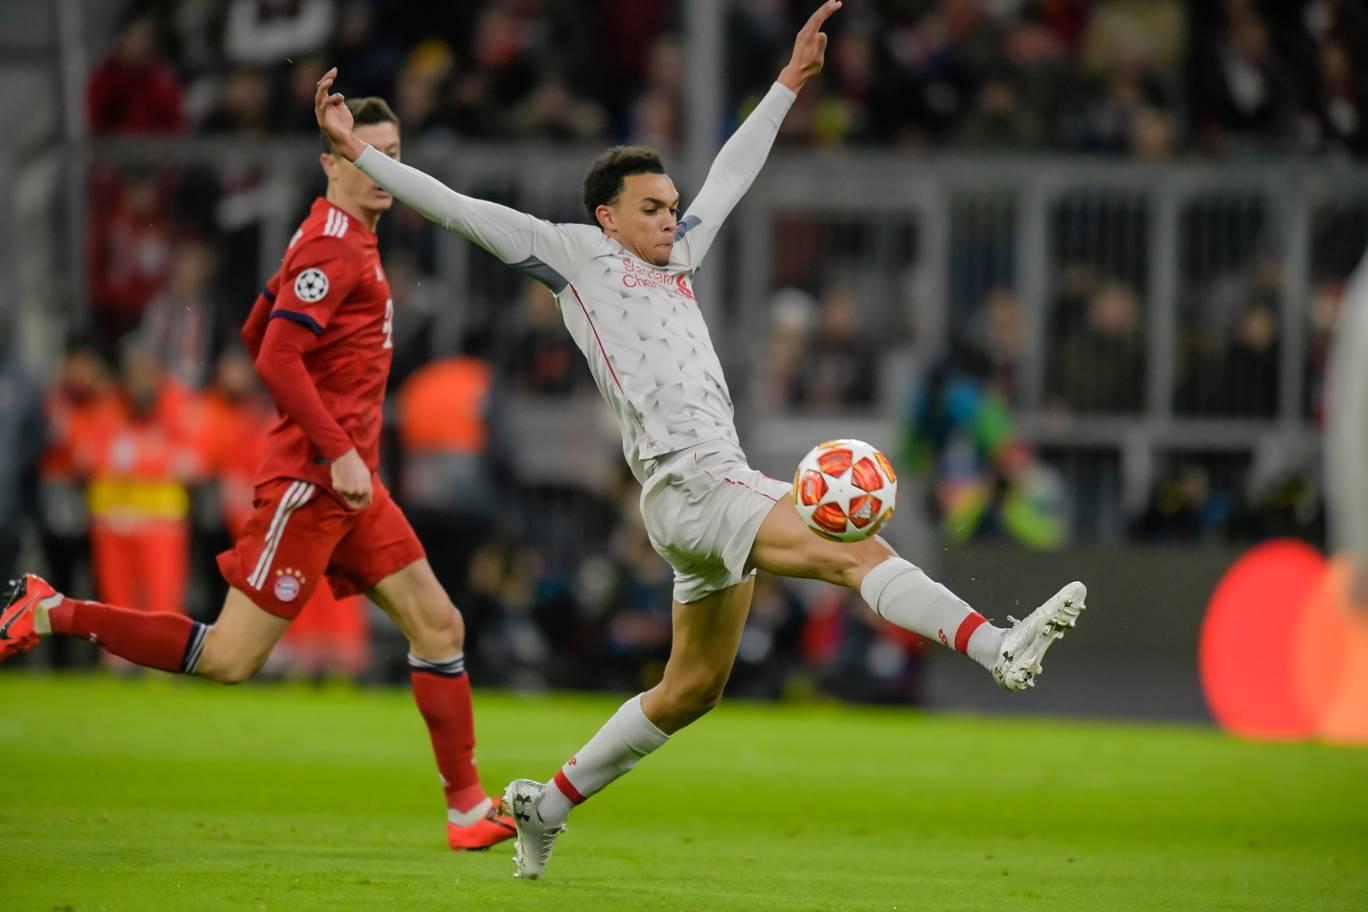 Mane và Van Dijk nhận điểm gần tuyệt đối sau màn trình diễn chói sáng trước Bayern - Bóng Đá